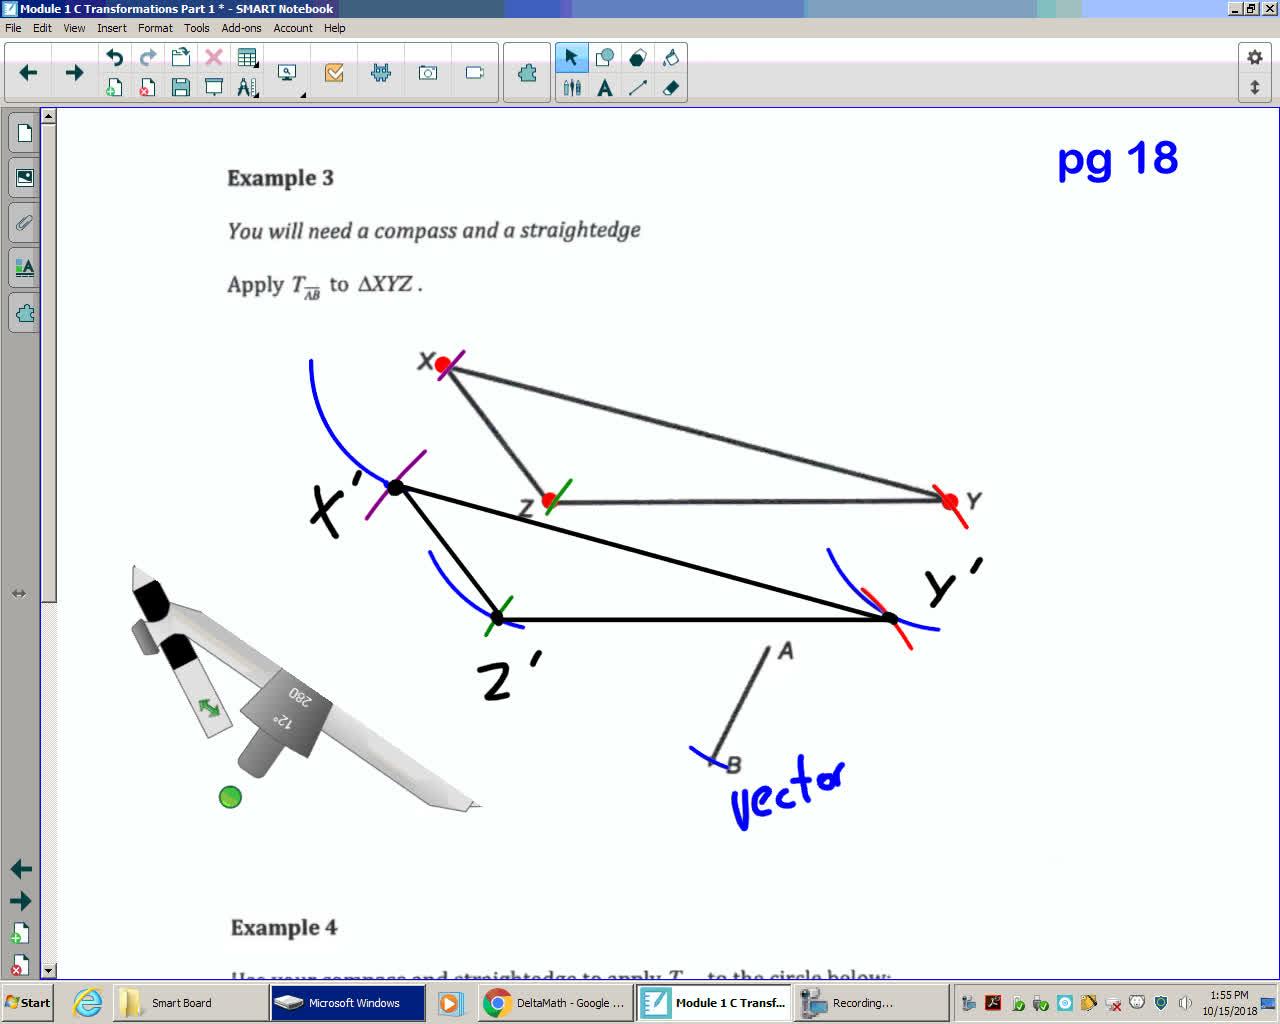 Mod 1C Lesson 4